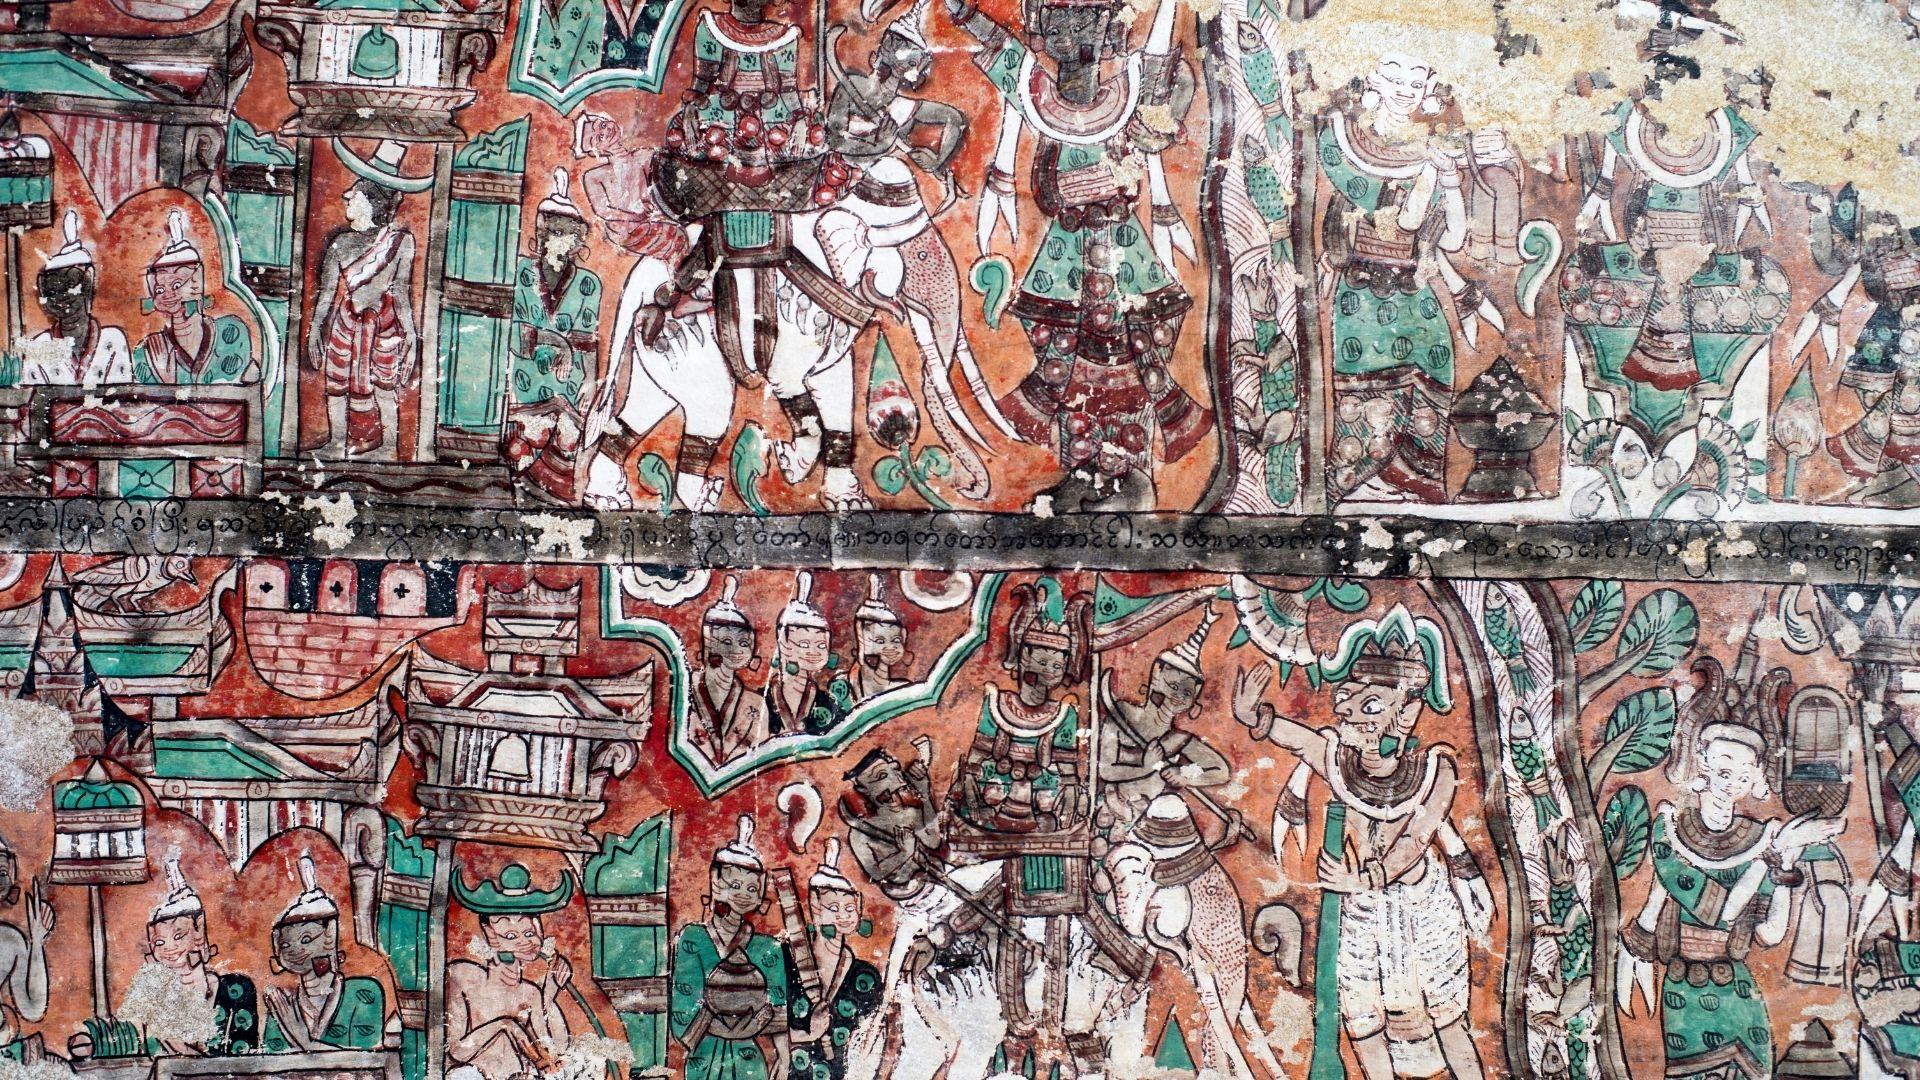 Pinturas en las paredes de la cueva de Powintaung